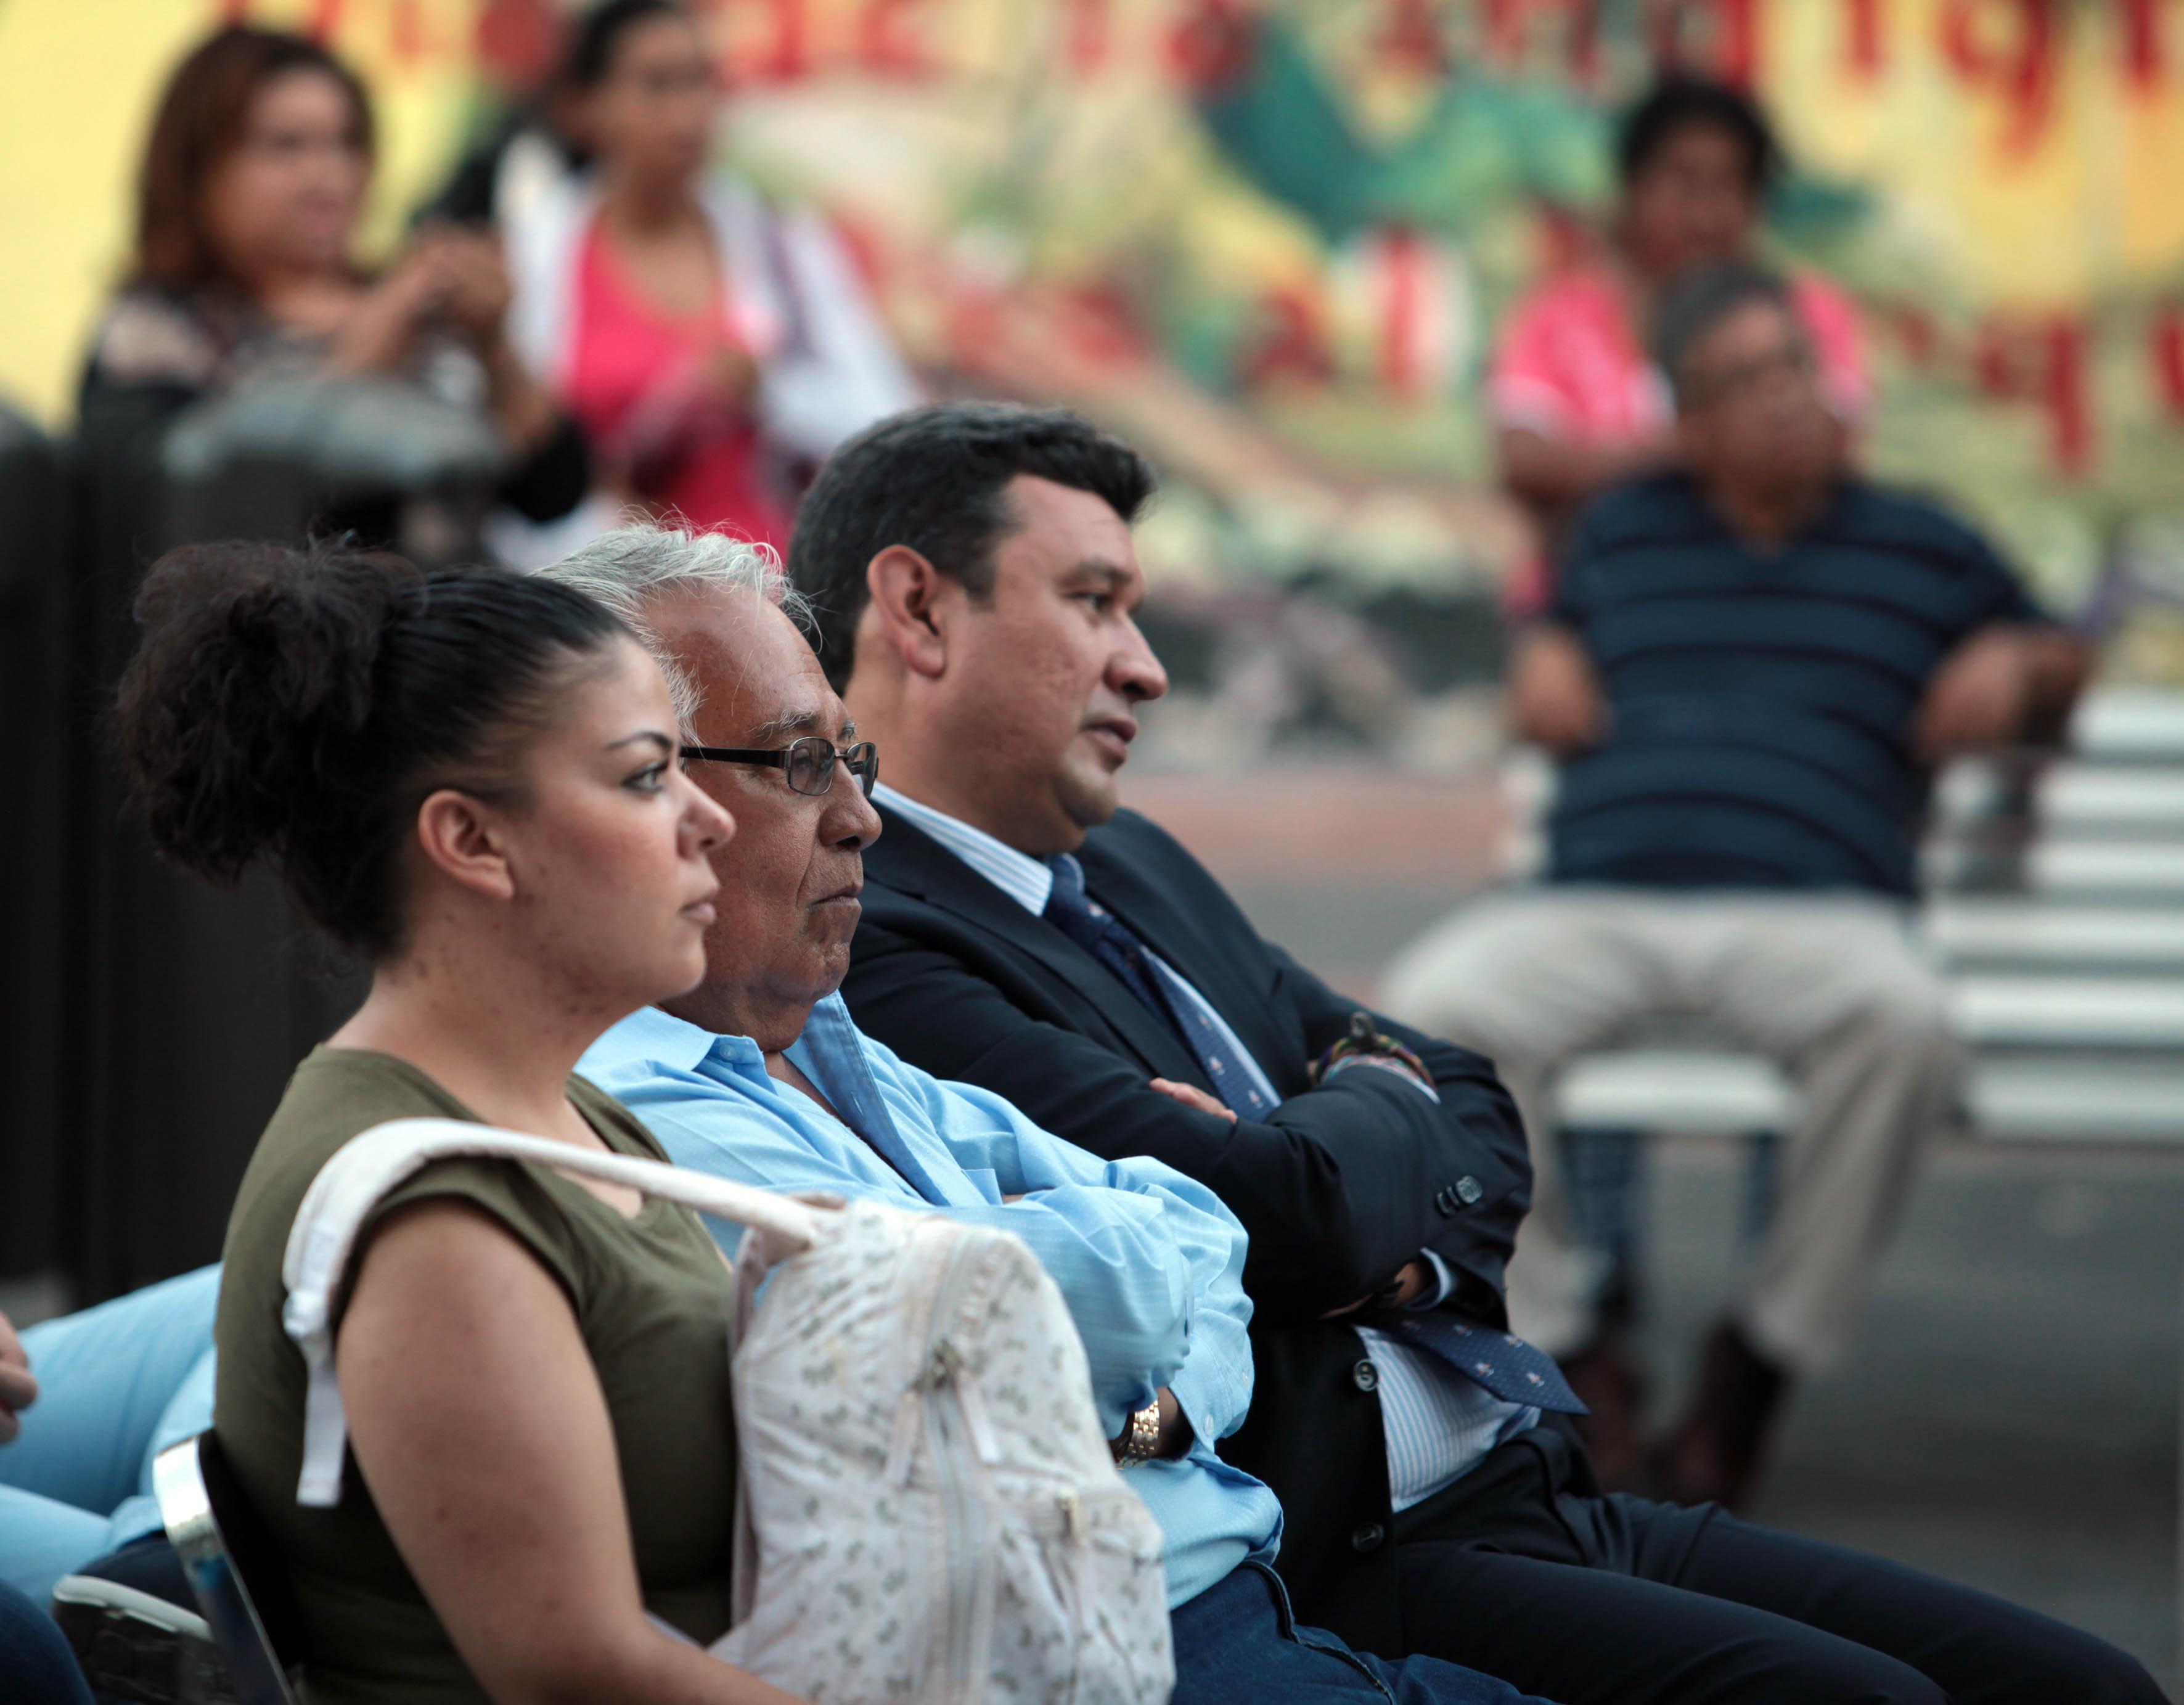 Asistentes en la Rambla Cataluña observando la obra teatral